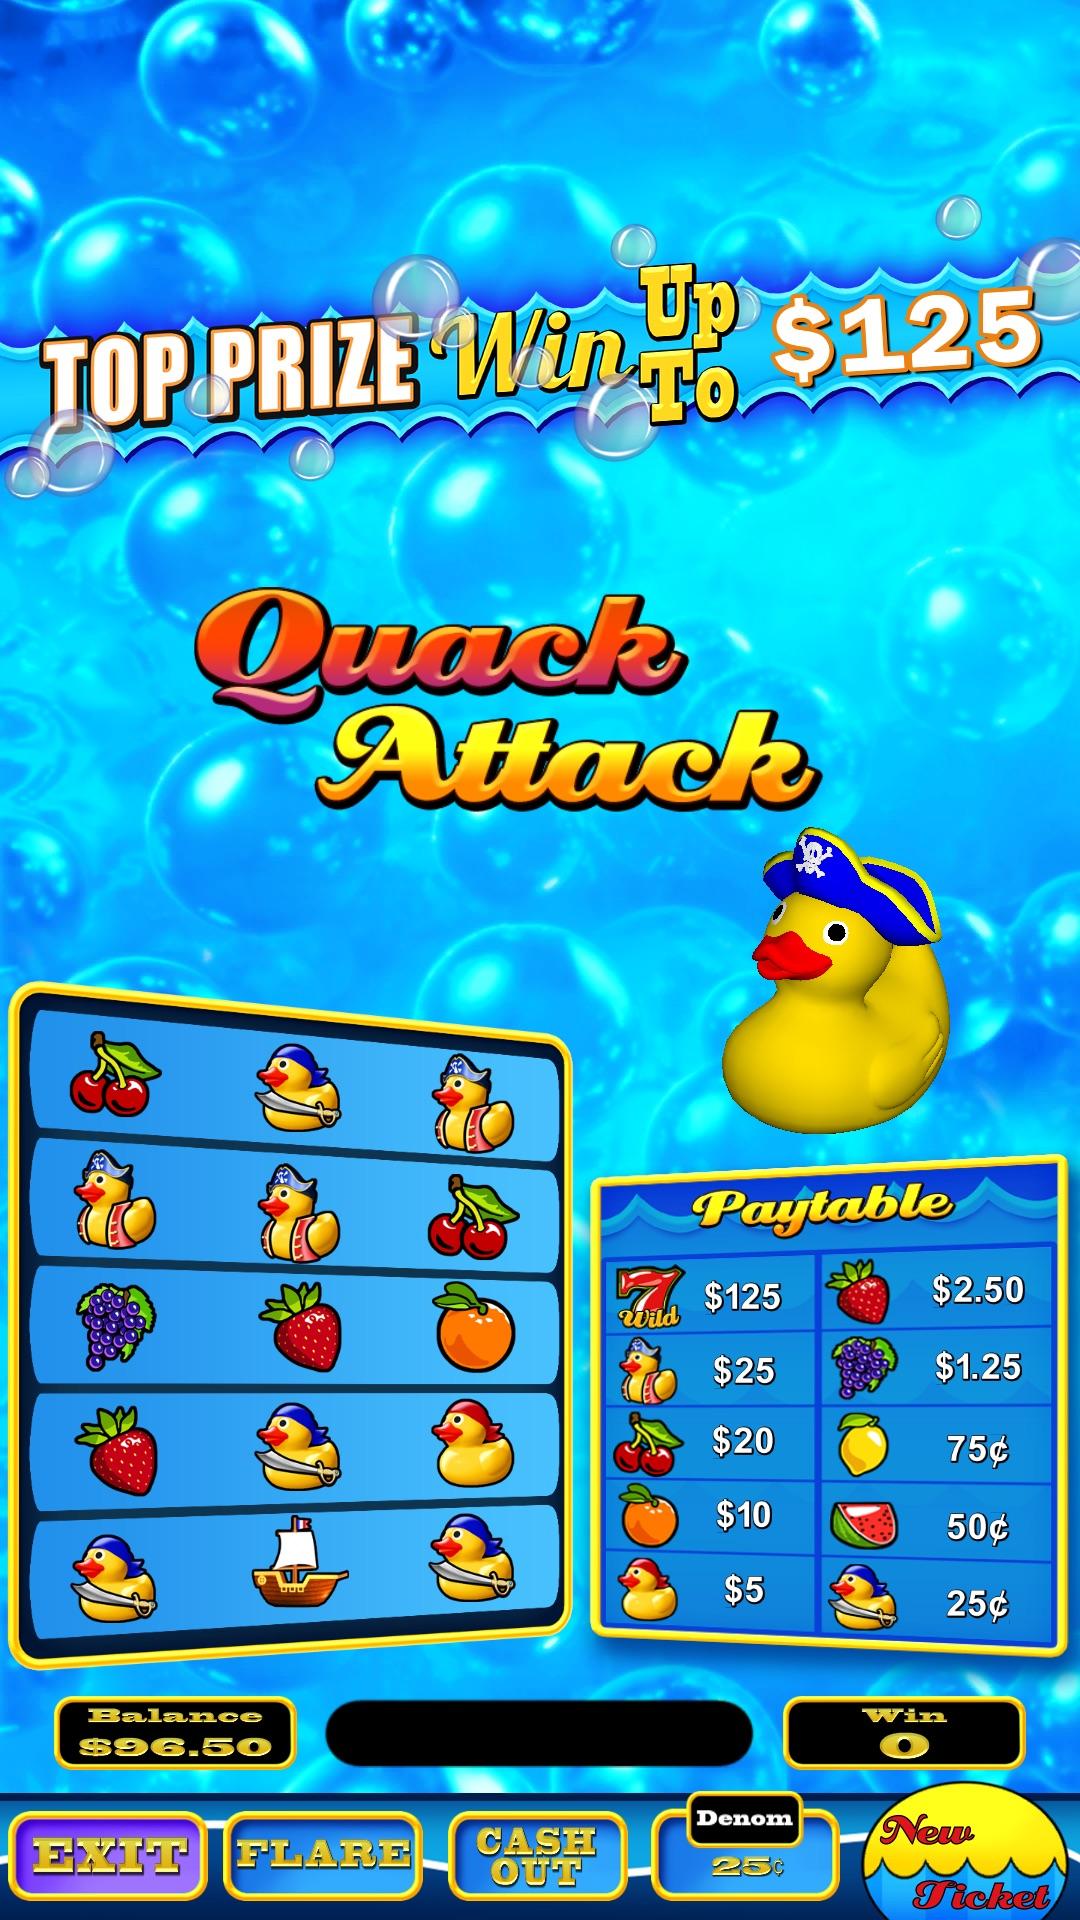 Quack-attack-ertical-pull-tab-game-hero